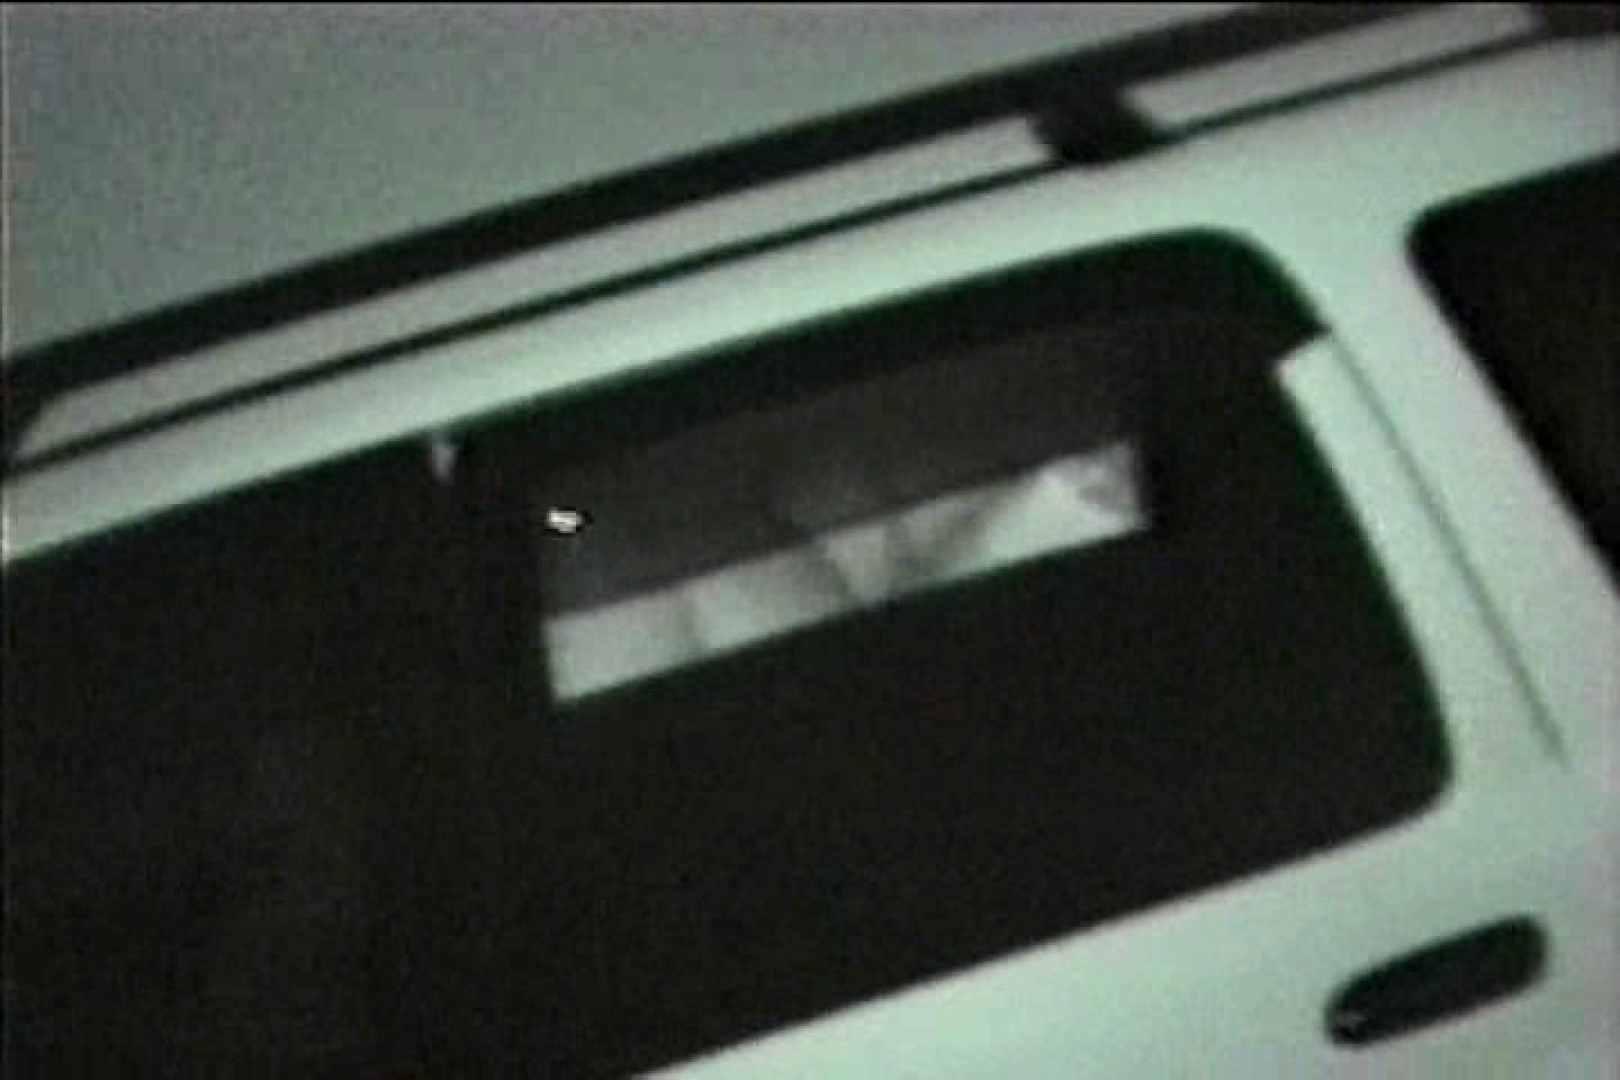 車の中はラブホテル 無修正版  Vol.7 ホテルでエッチ | ラブホテル  41pic 25